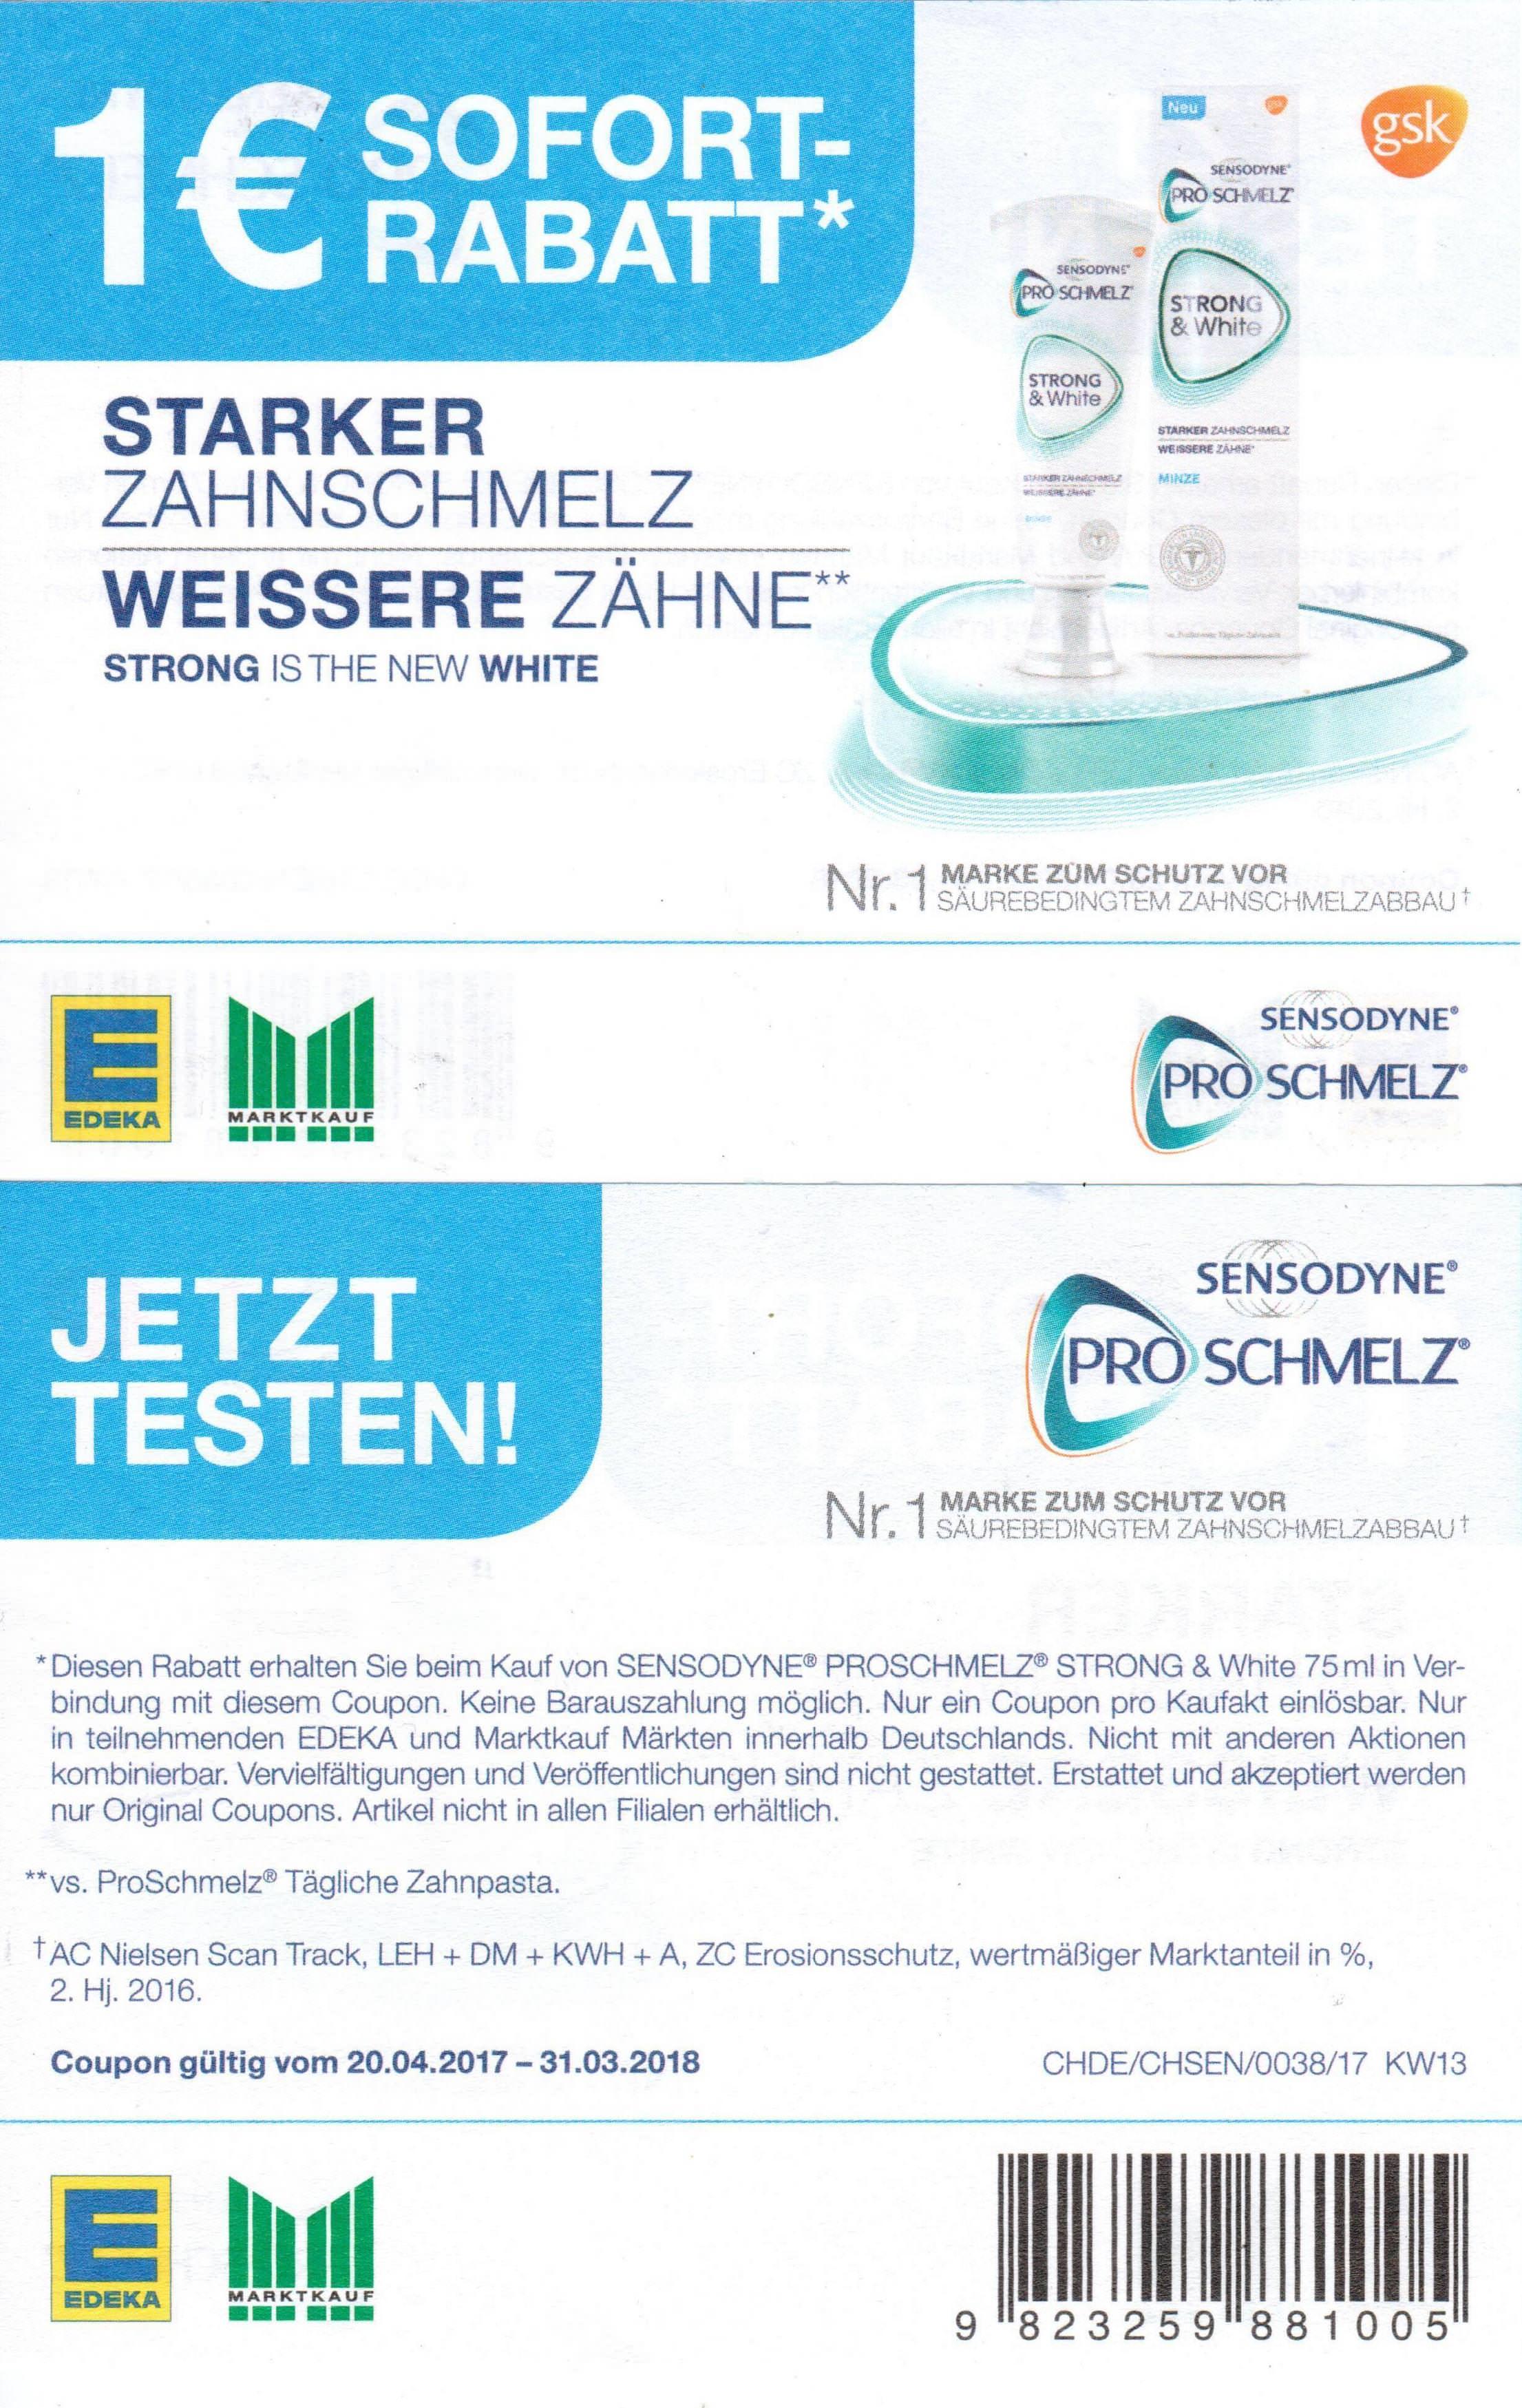 1,00€ Sofort-Rabatt-Coupon für Sensodyne ProSchmelz Strong & White bis 31.03.2018 bei Marktkauf & Edeka